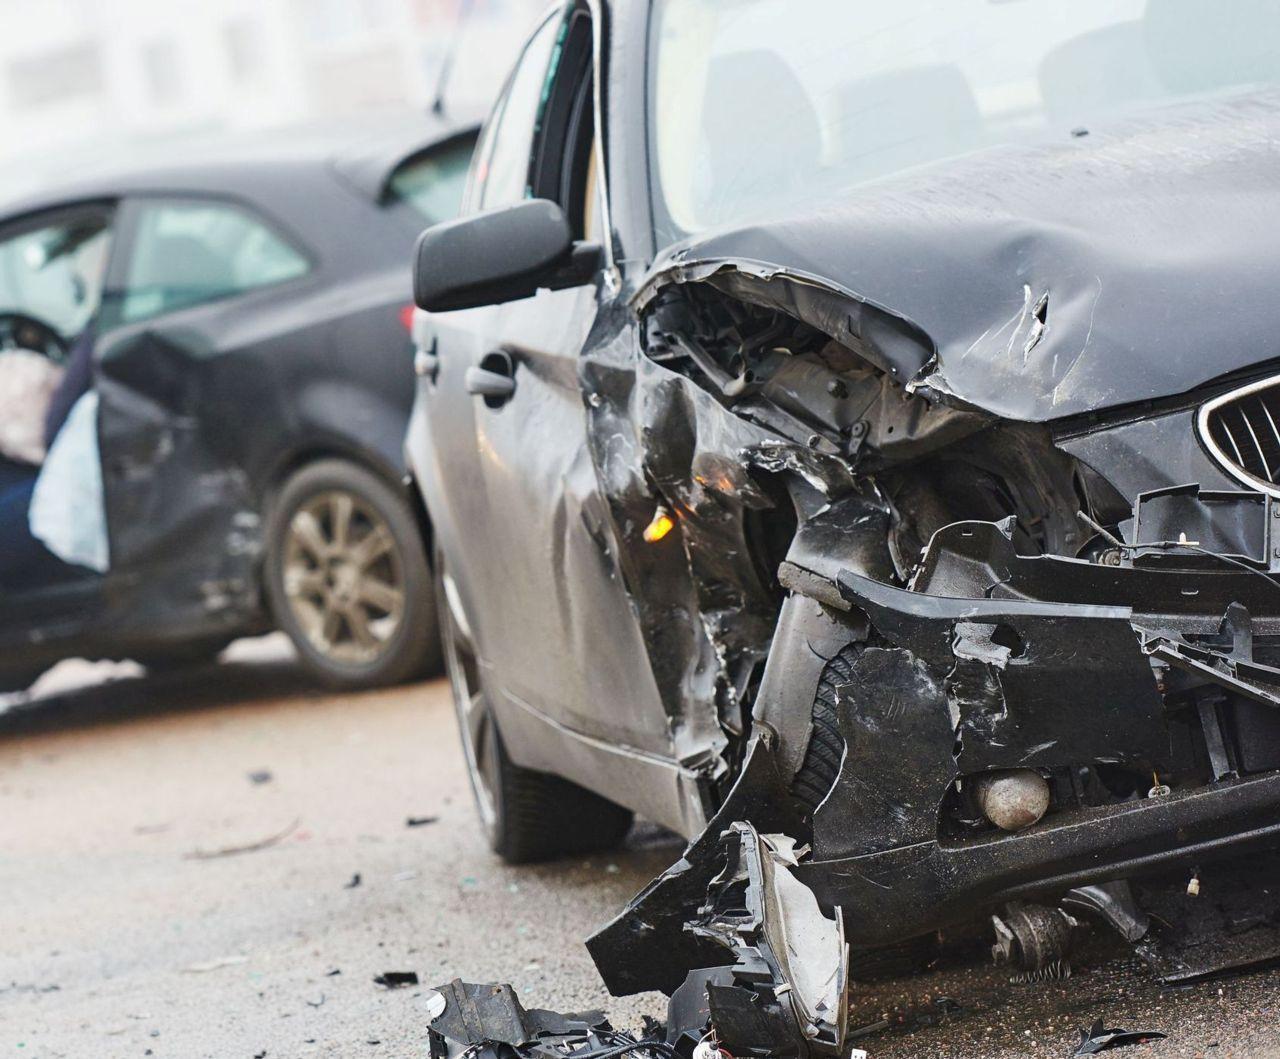 DİN: Ötən gün yol qəzalarında 7 nəfər ölüb